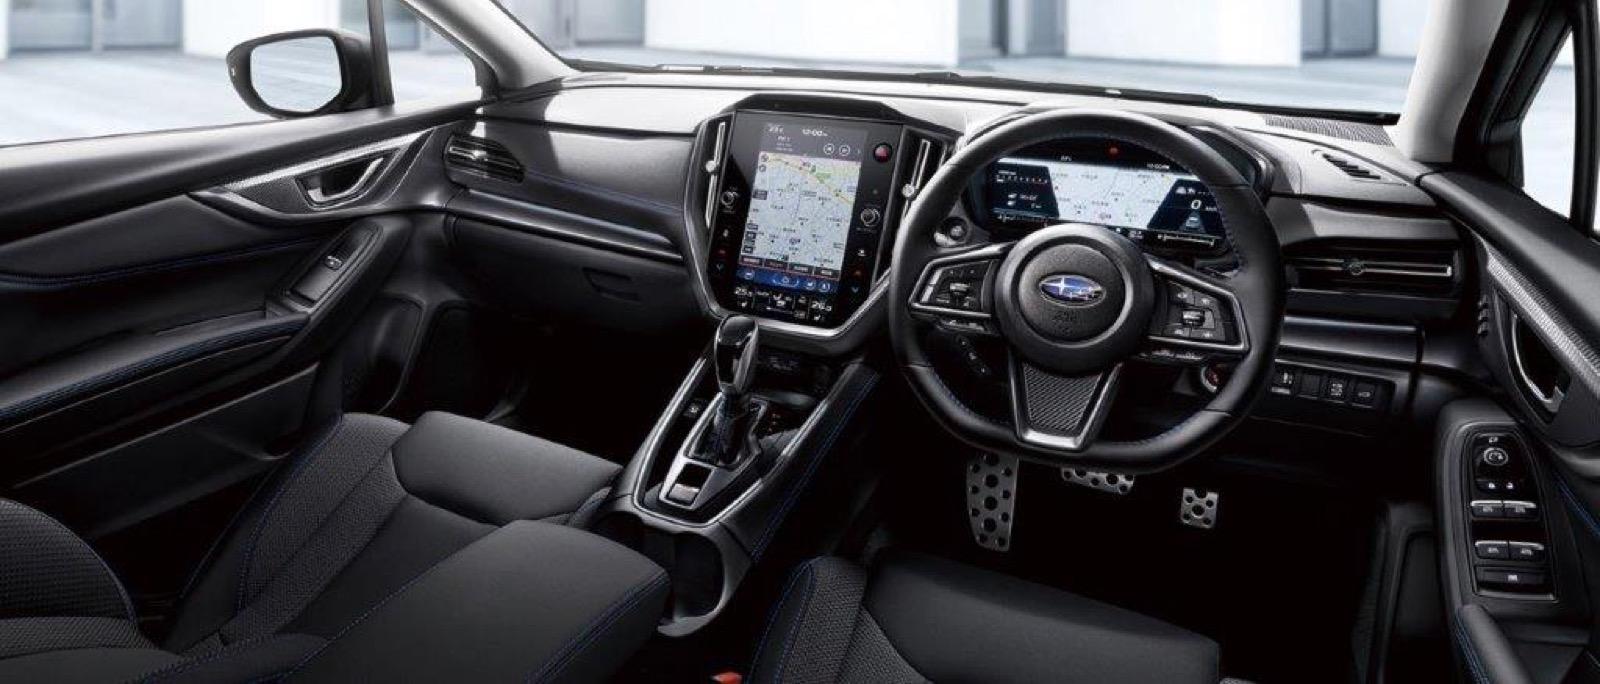 Subaru-WRX-2021-leaked-6